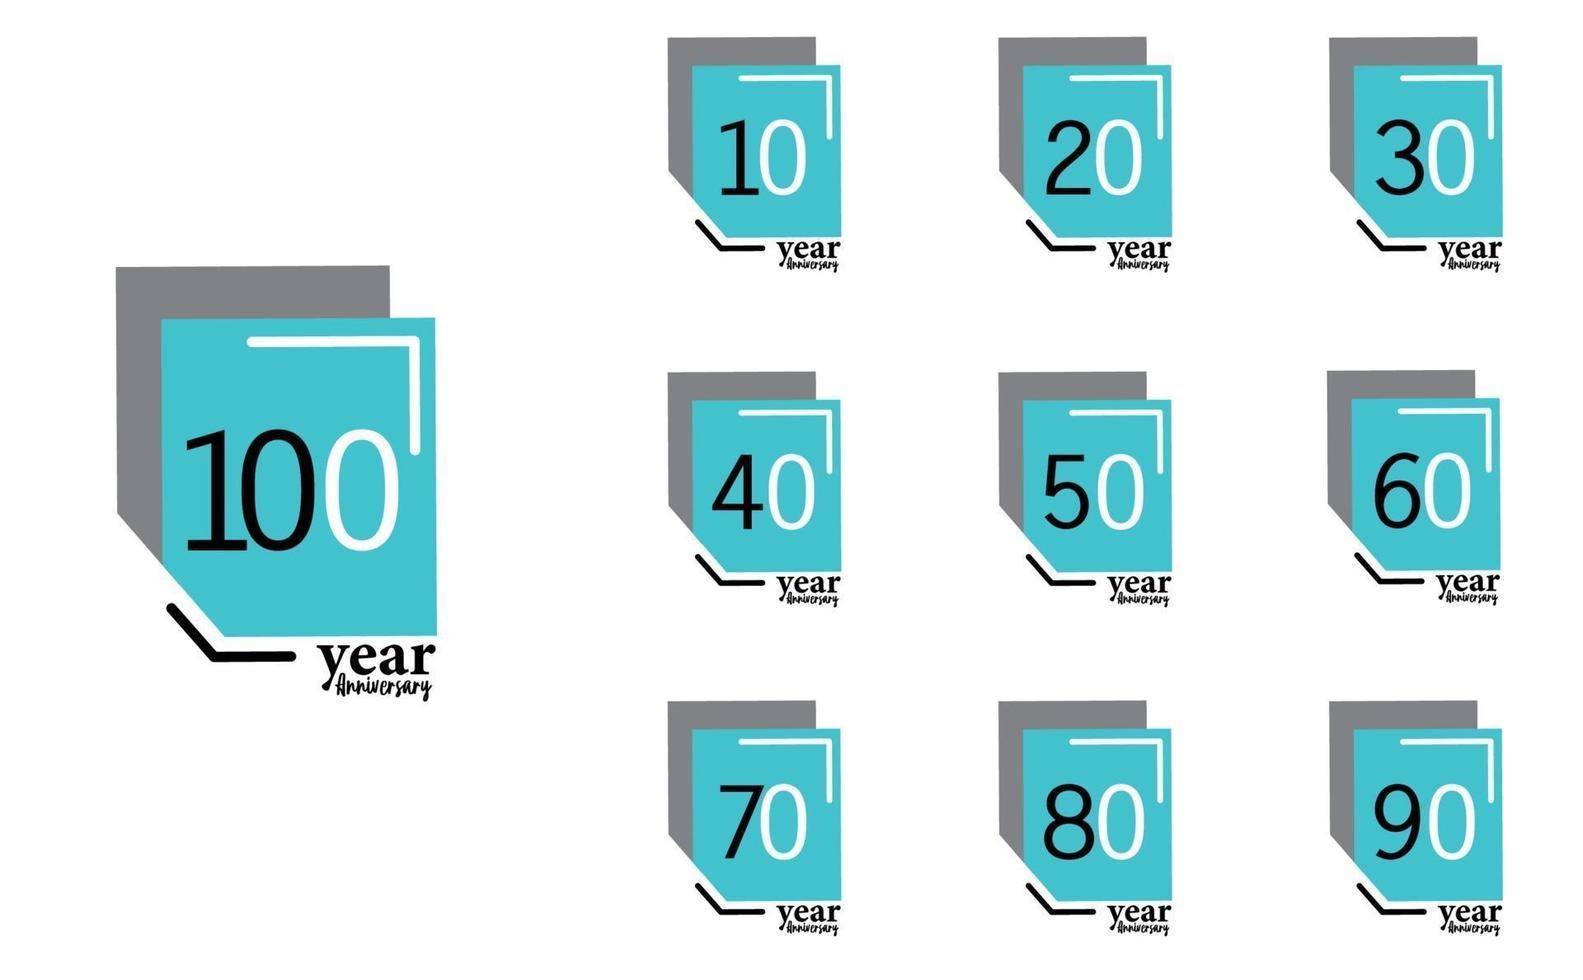 Jahr Jubiläum Vektor Vorlage Design Illustration blaue Box eleganten weißen Hintergrund